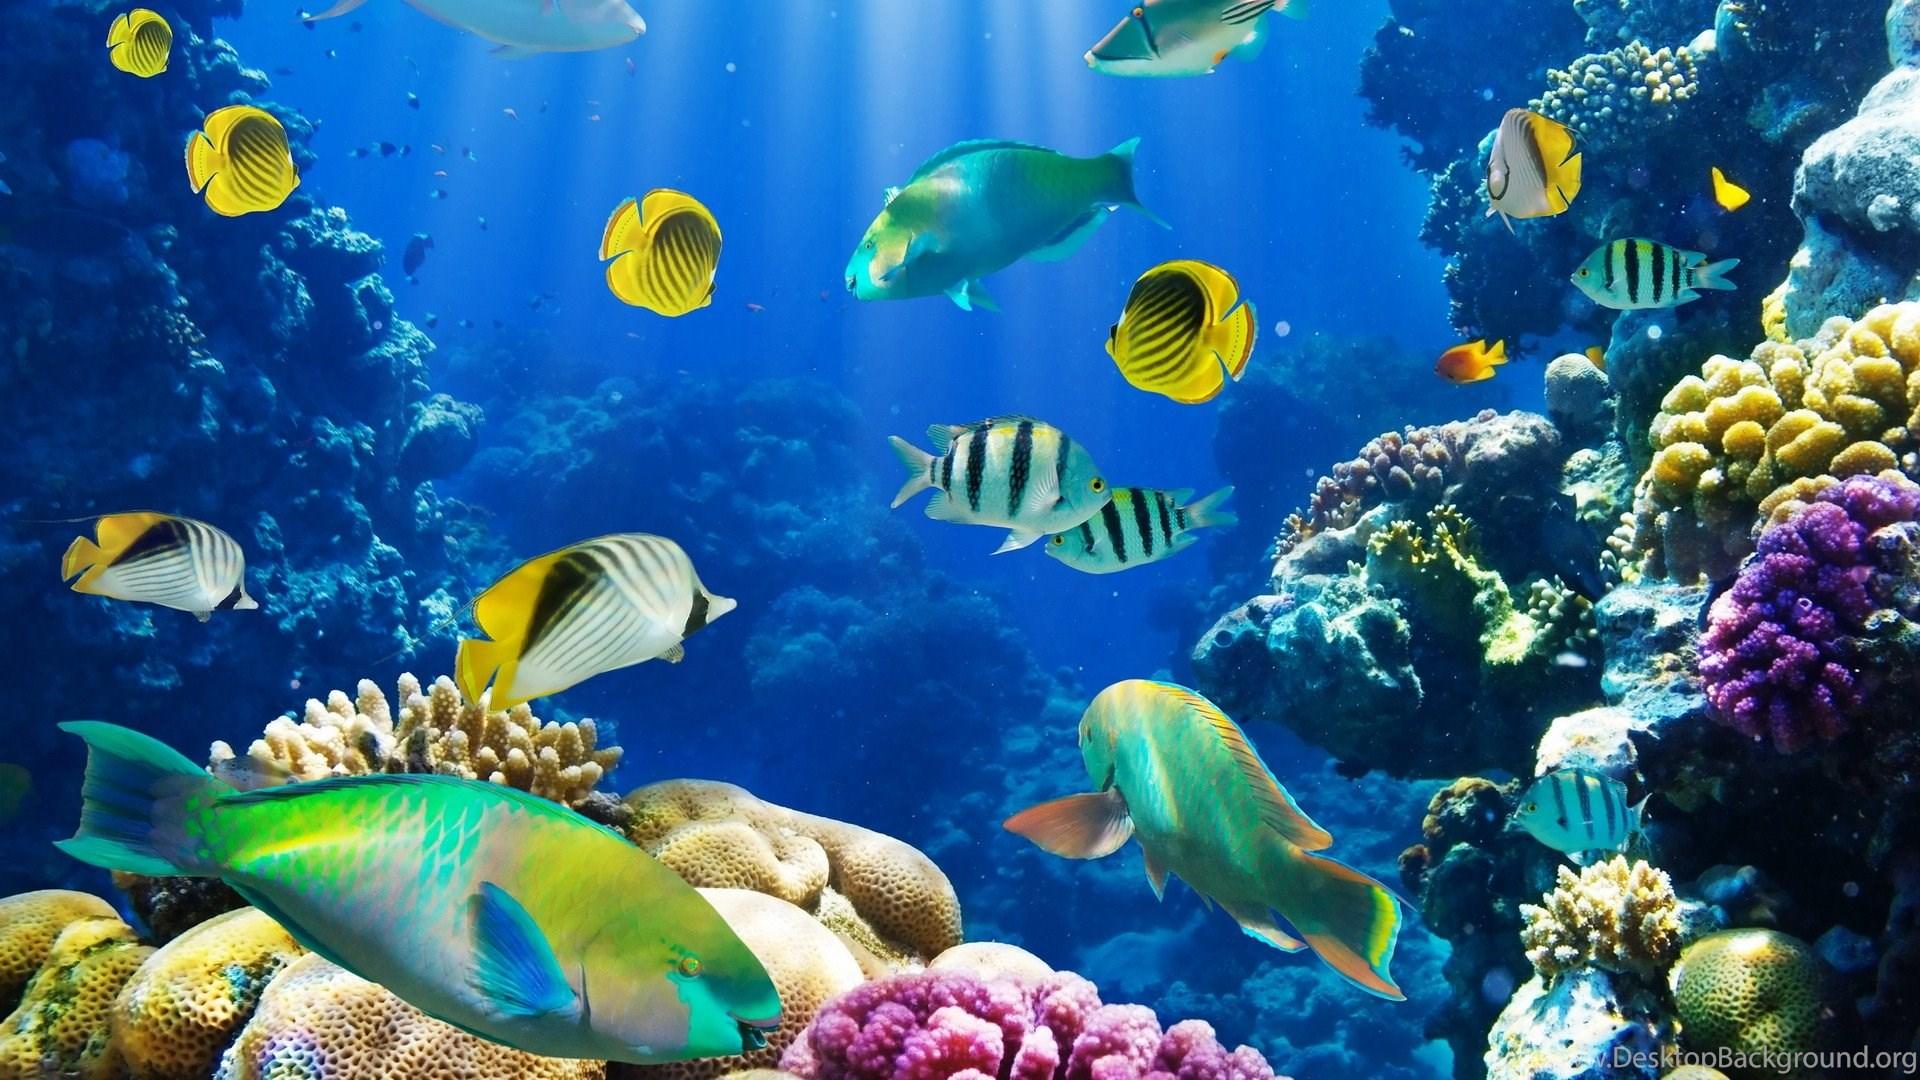 Wallpaper aquarium for pc